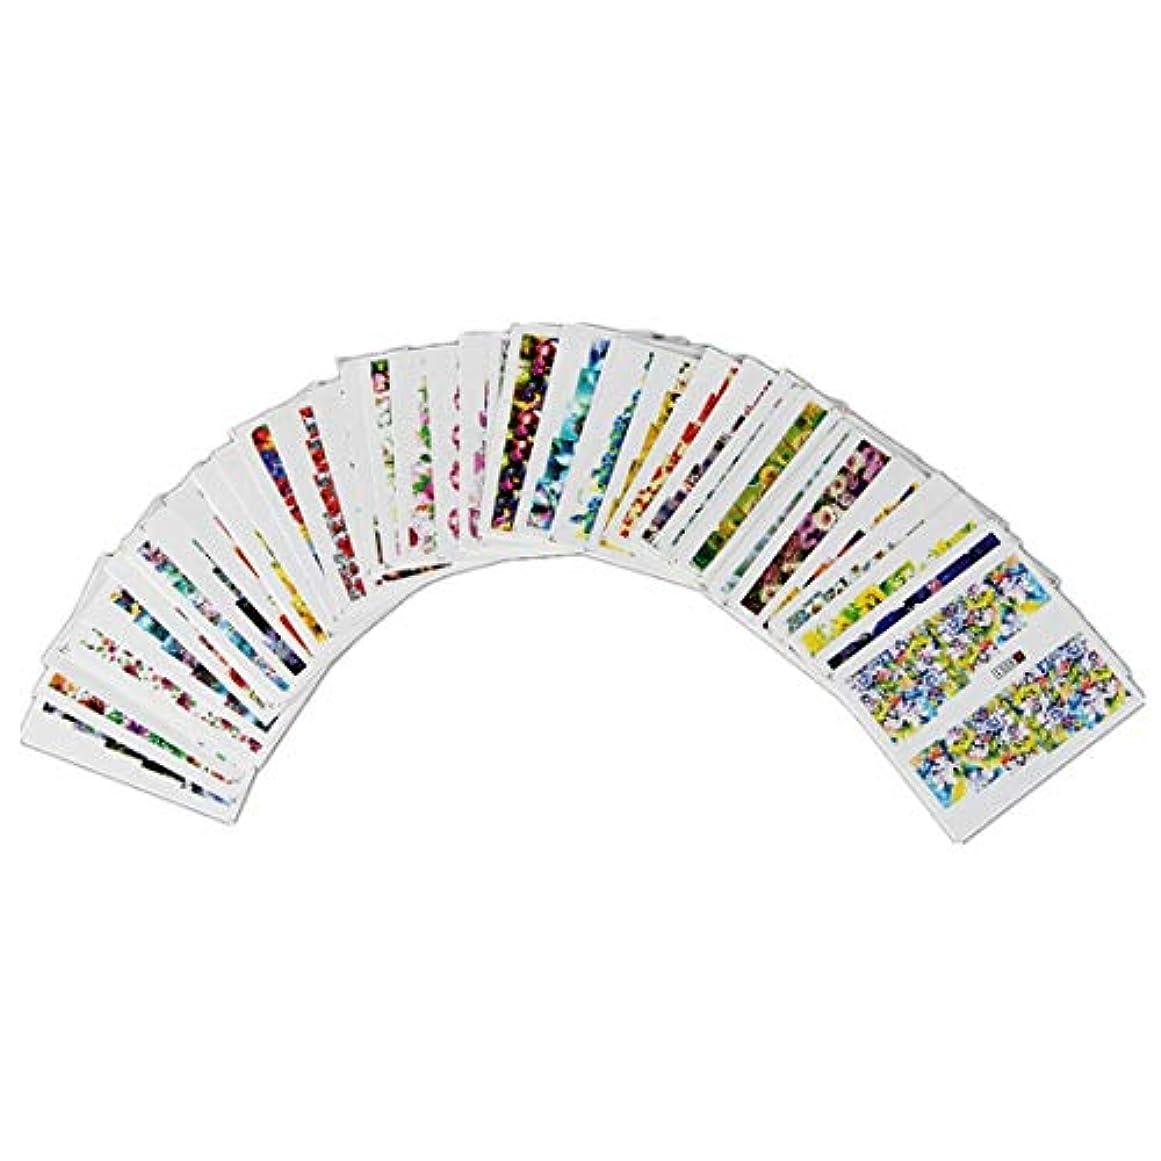 構想する定数ノーブルTianmey 50枚ネイルステッカー盛り合わせパターン水転写花フラワーステッカーセット女性用爪の装飾ネイルデカールネイルアートアクセサリーマニキュアチャームヒント